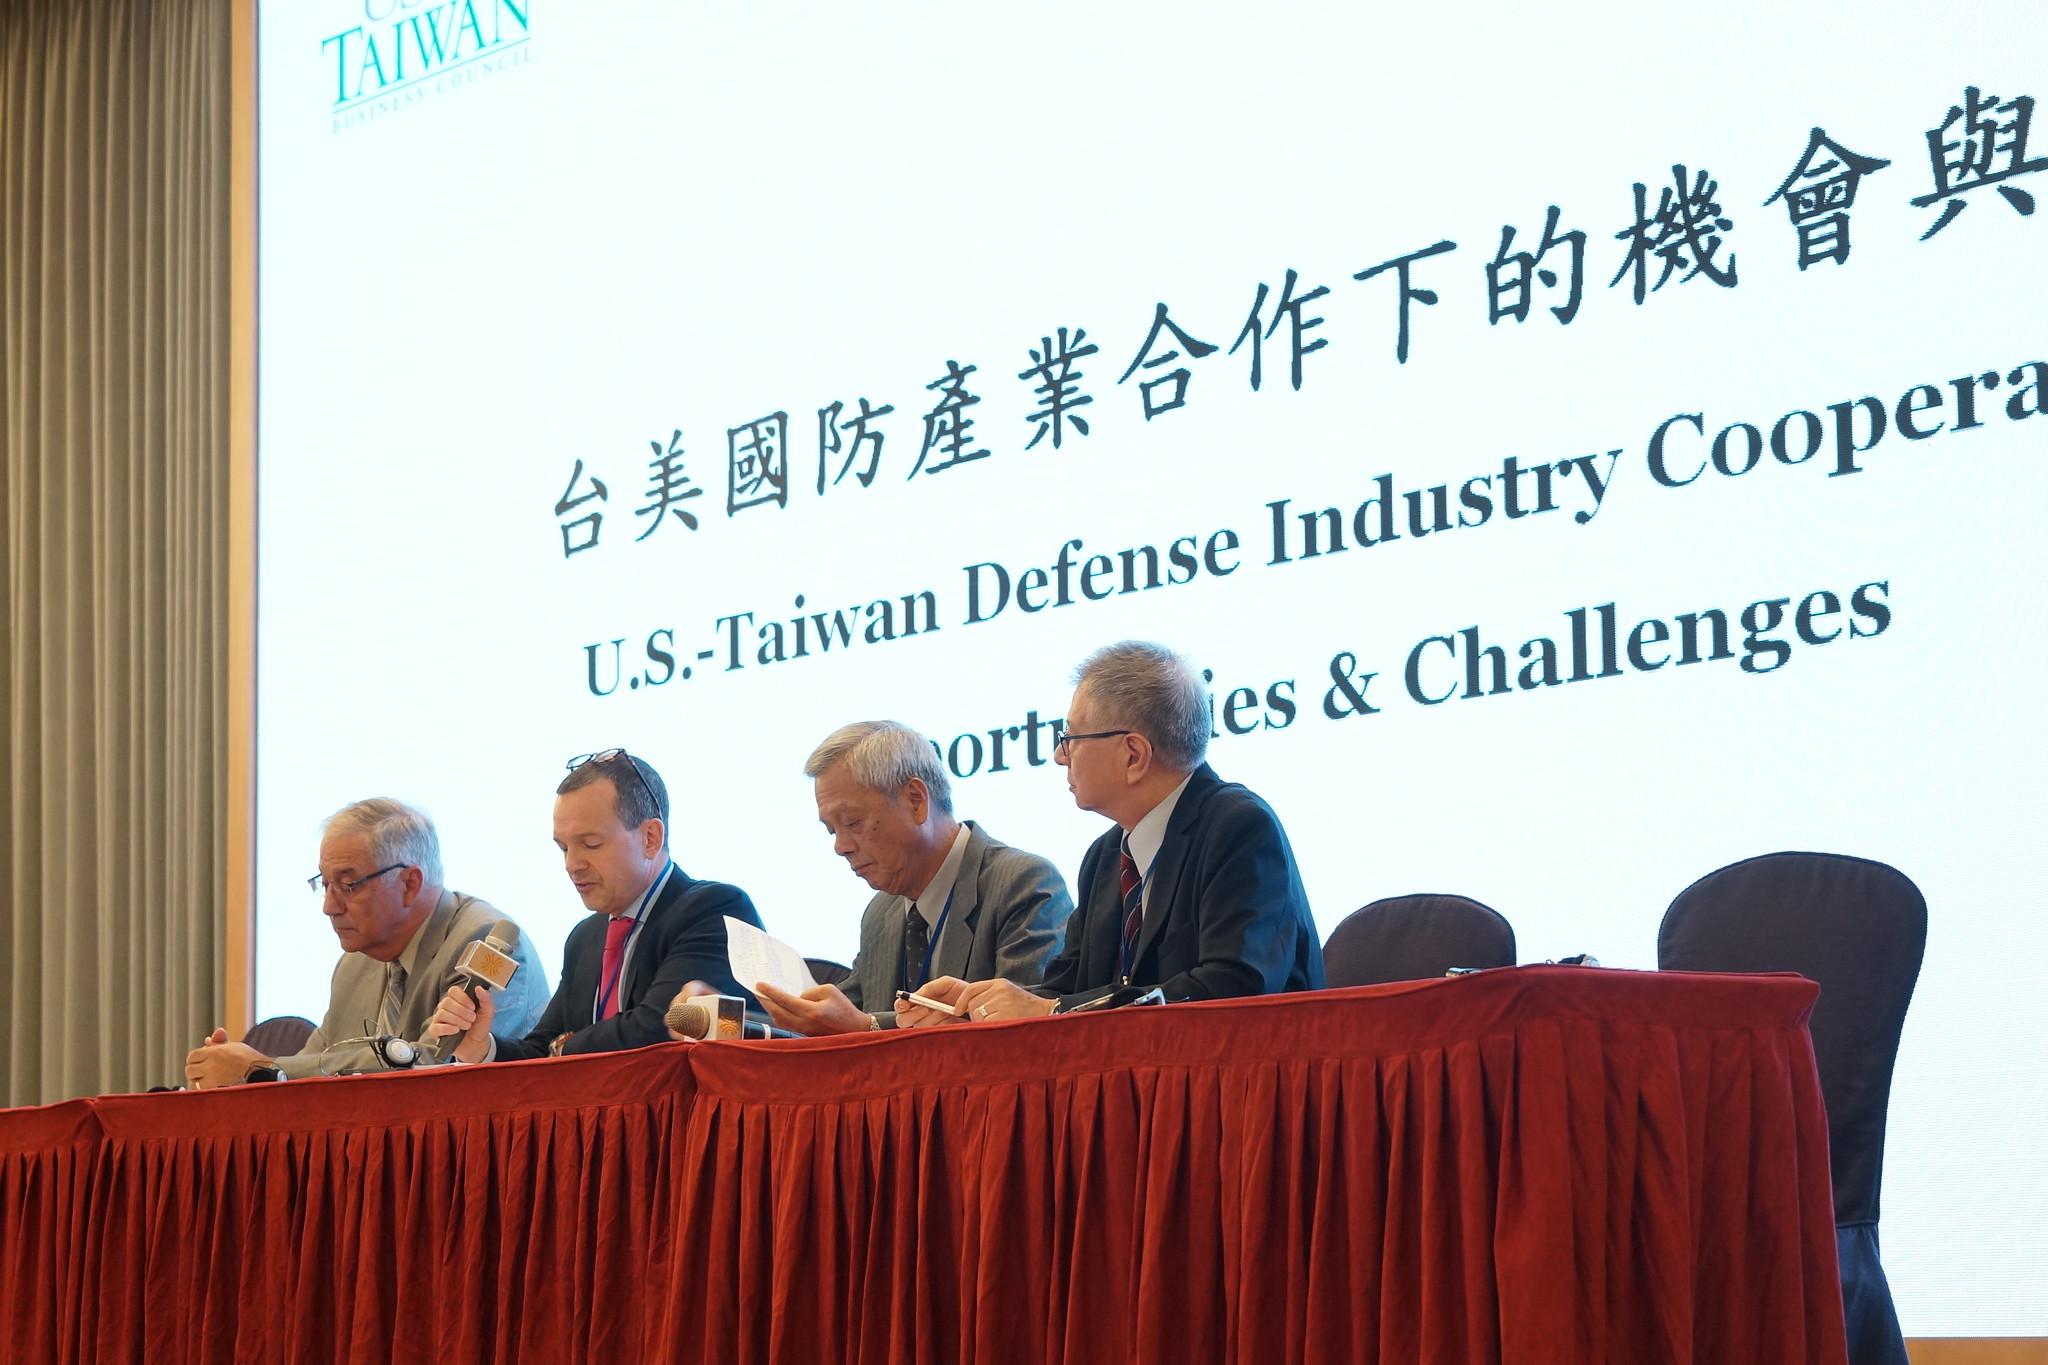 台美国防产业论坛,左二为美台商会协会会长韩儒伯。(摄影:王颢中)